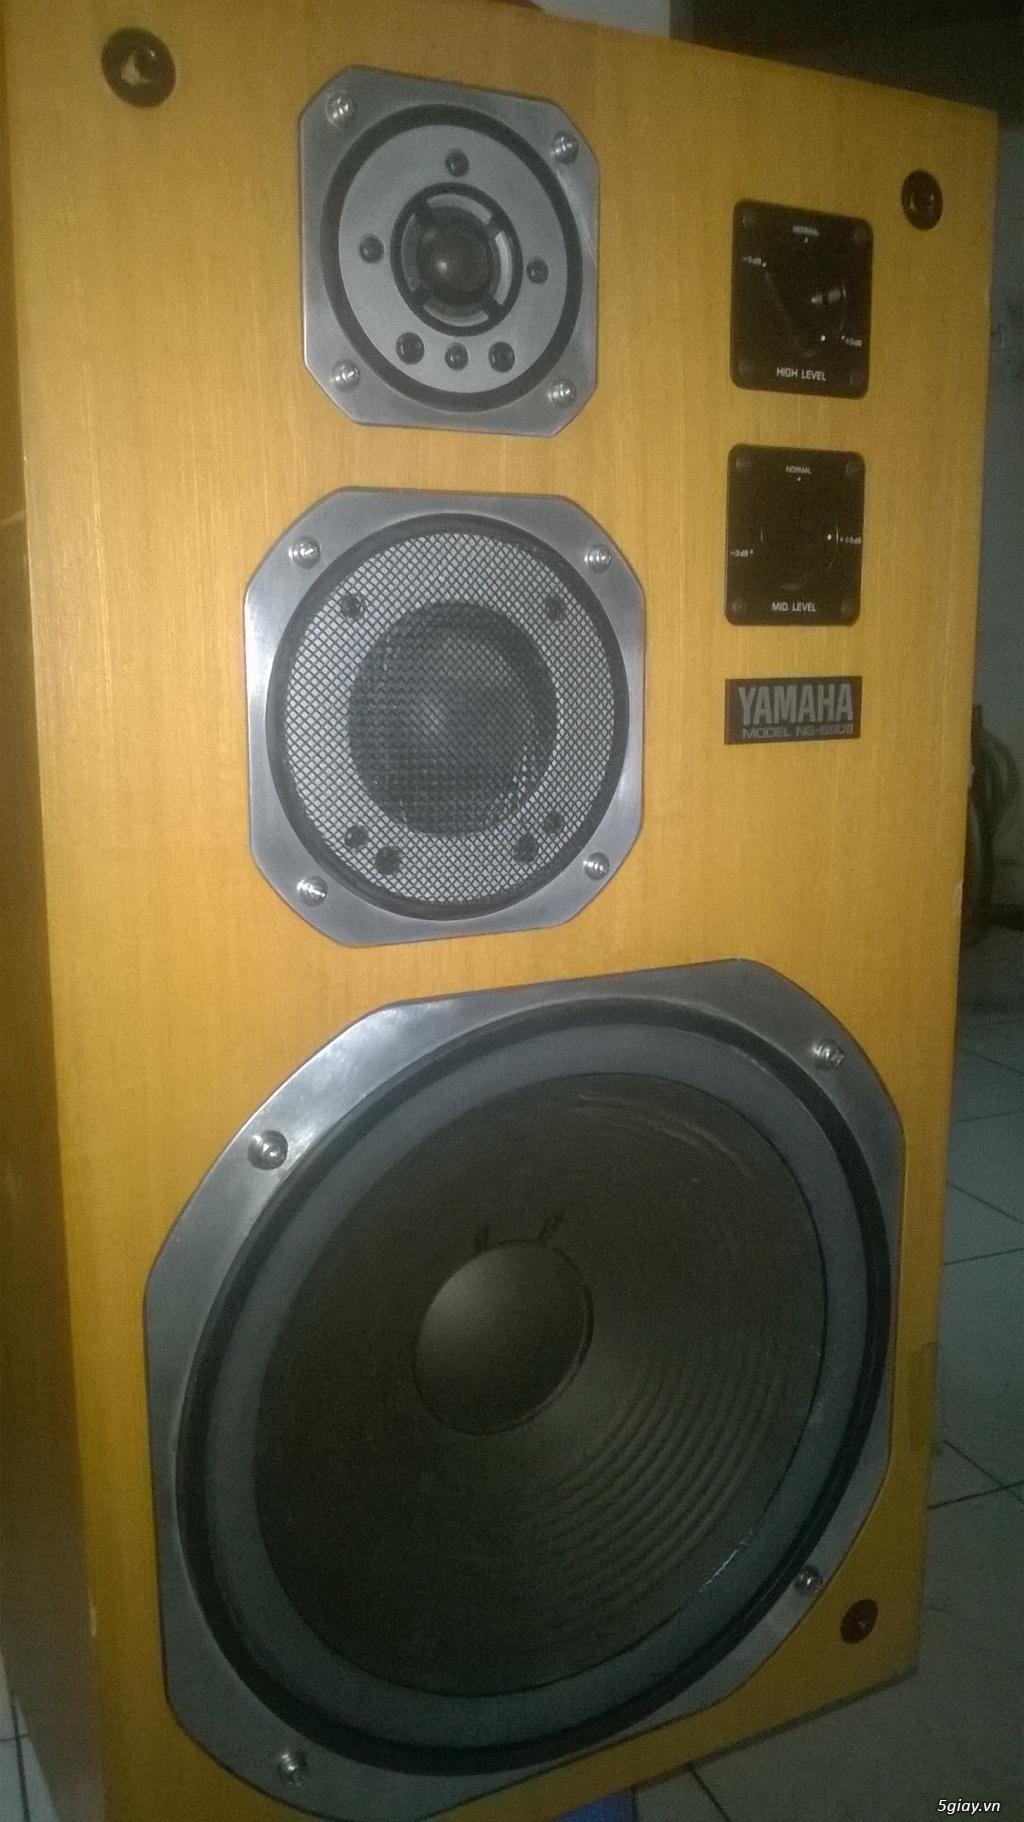 Loa Yamaha Ns